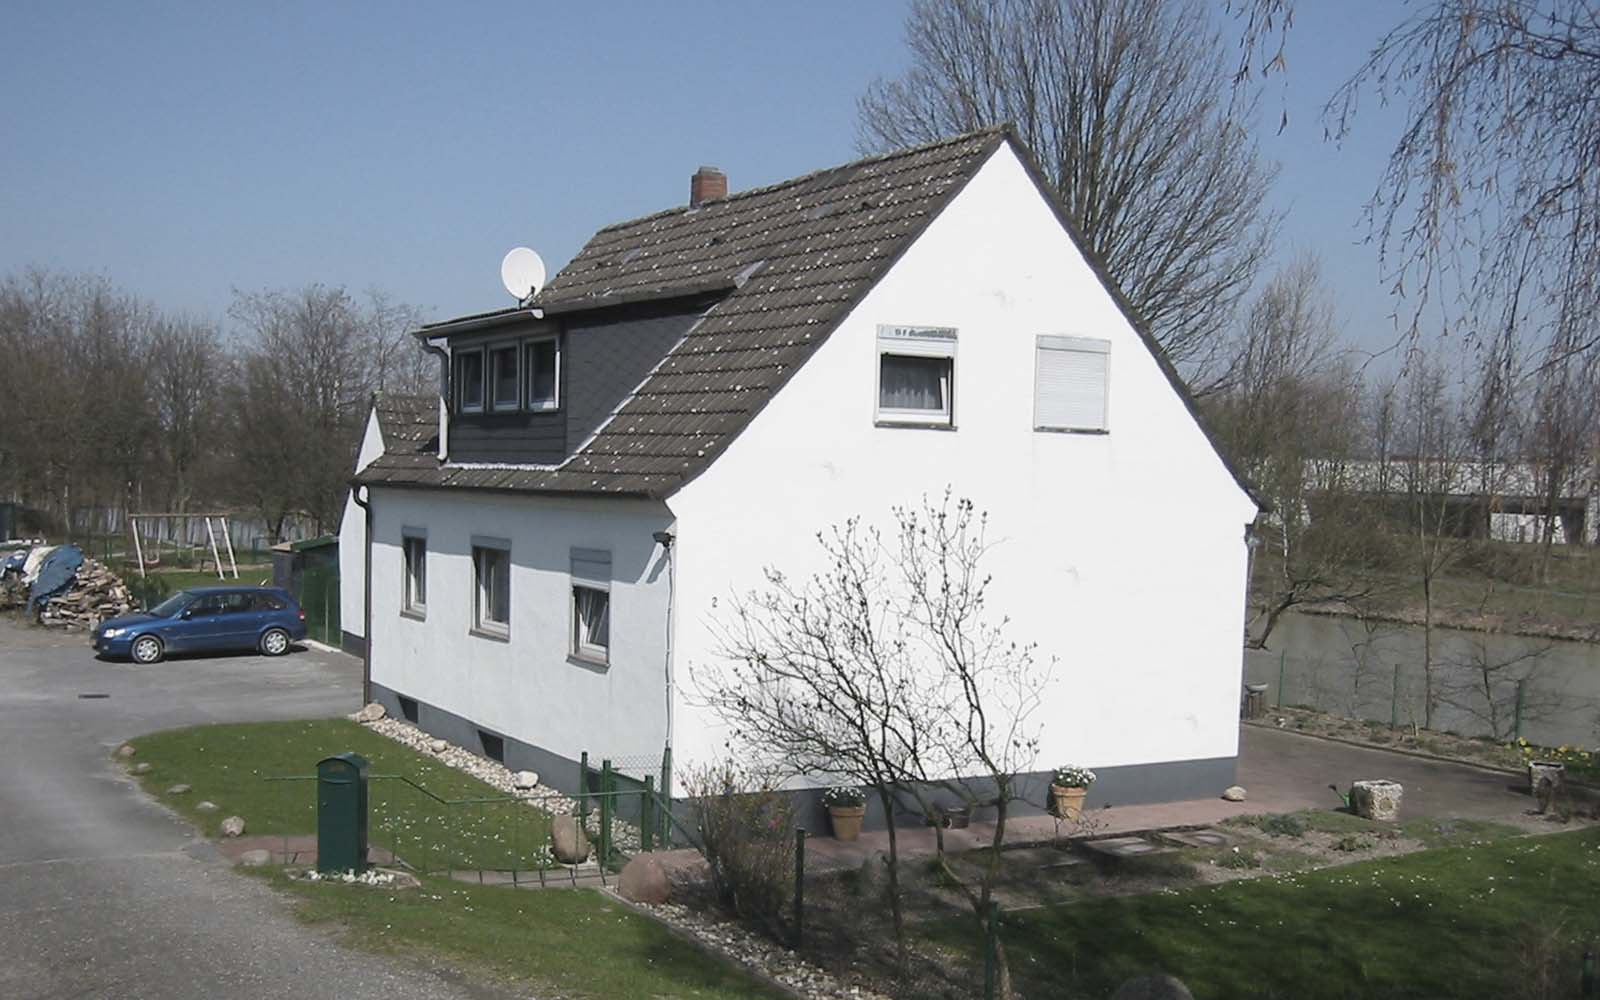 JIN_SteinwegClausArchitekten_Einfamilienhaus_Wärmeschutz_Sanierung_Muenster_00001